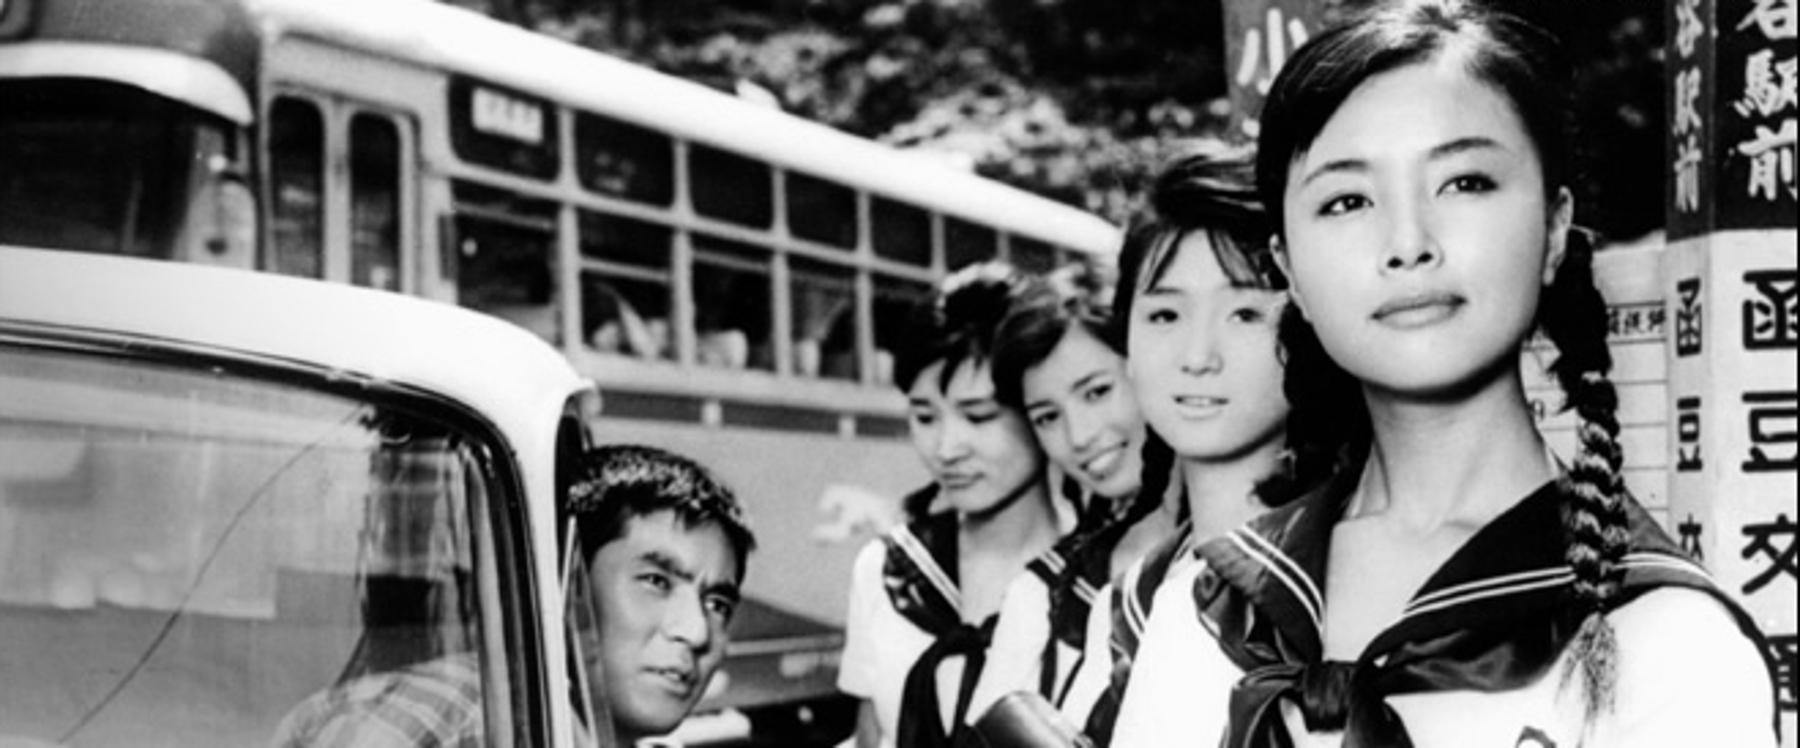 Hakone-Yama (1963)